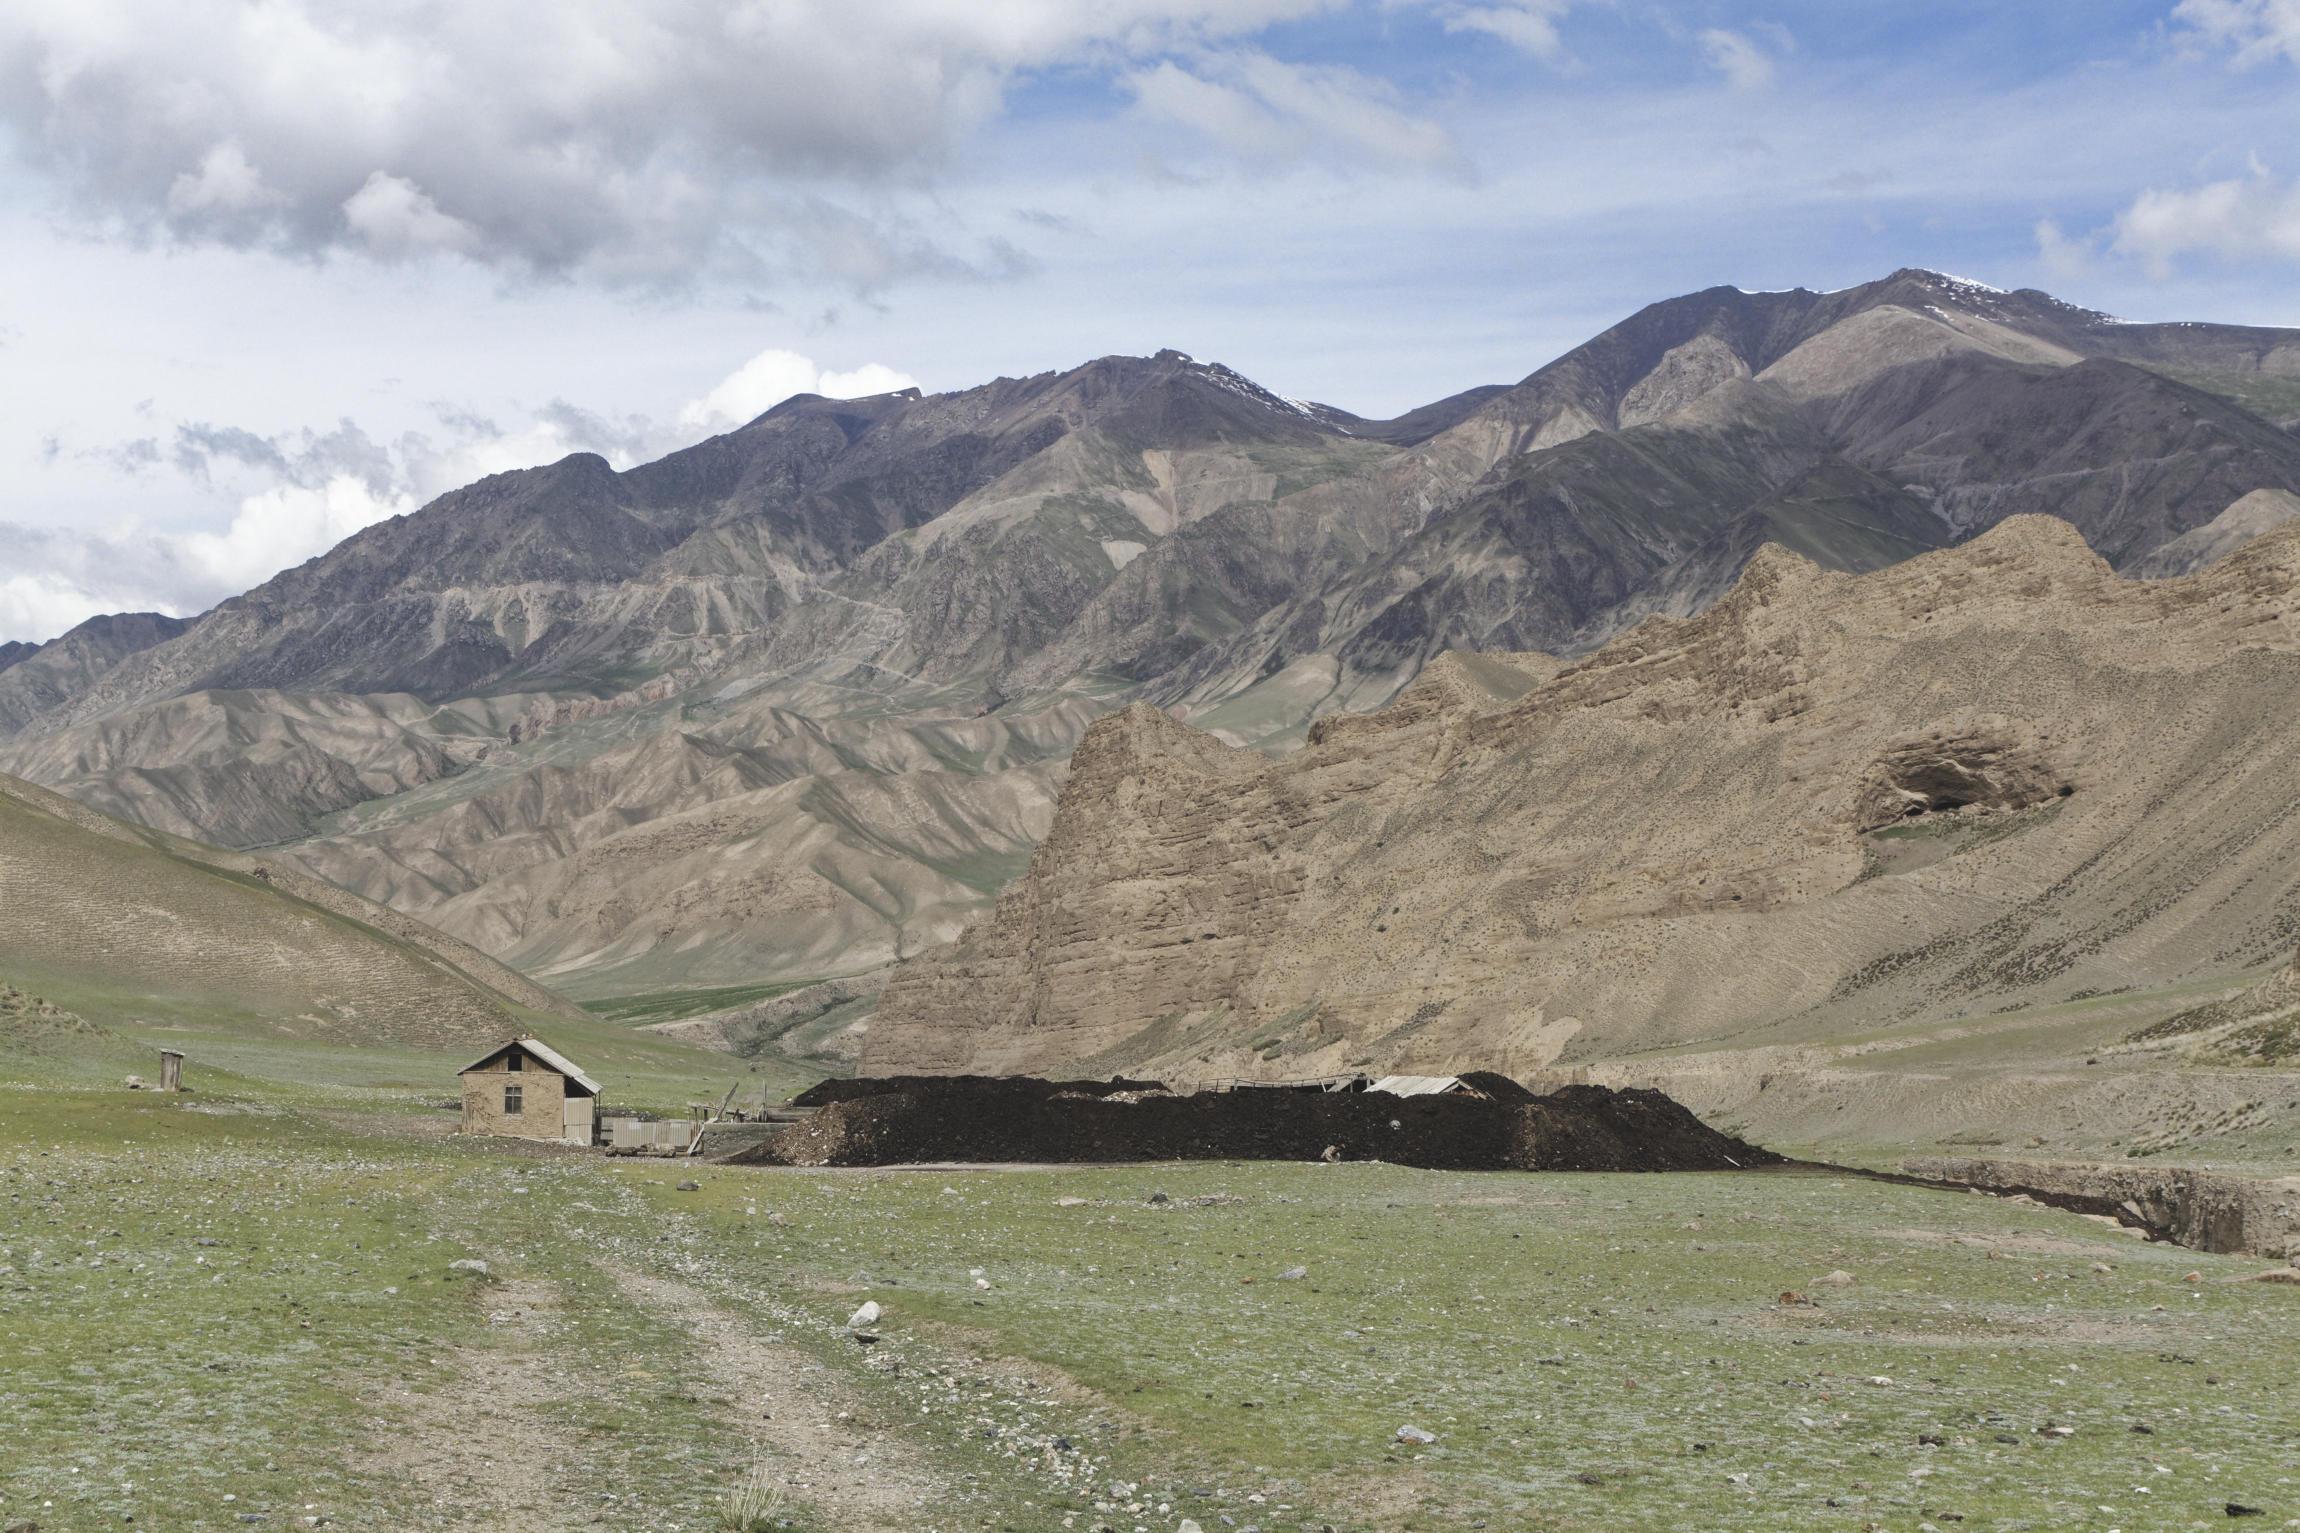 Bâtiment agricole vallée de Kaindy Kirghizstan